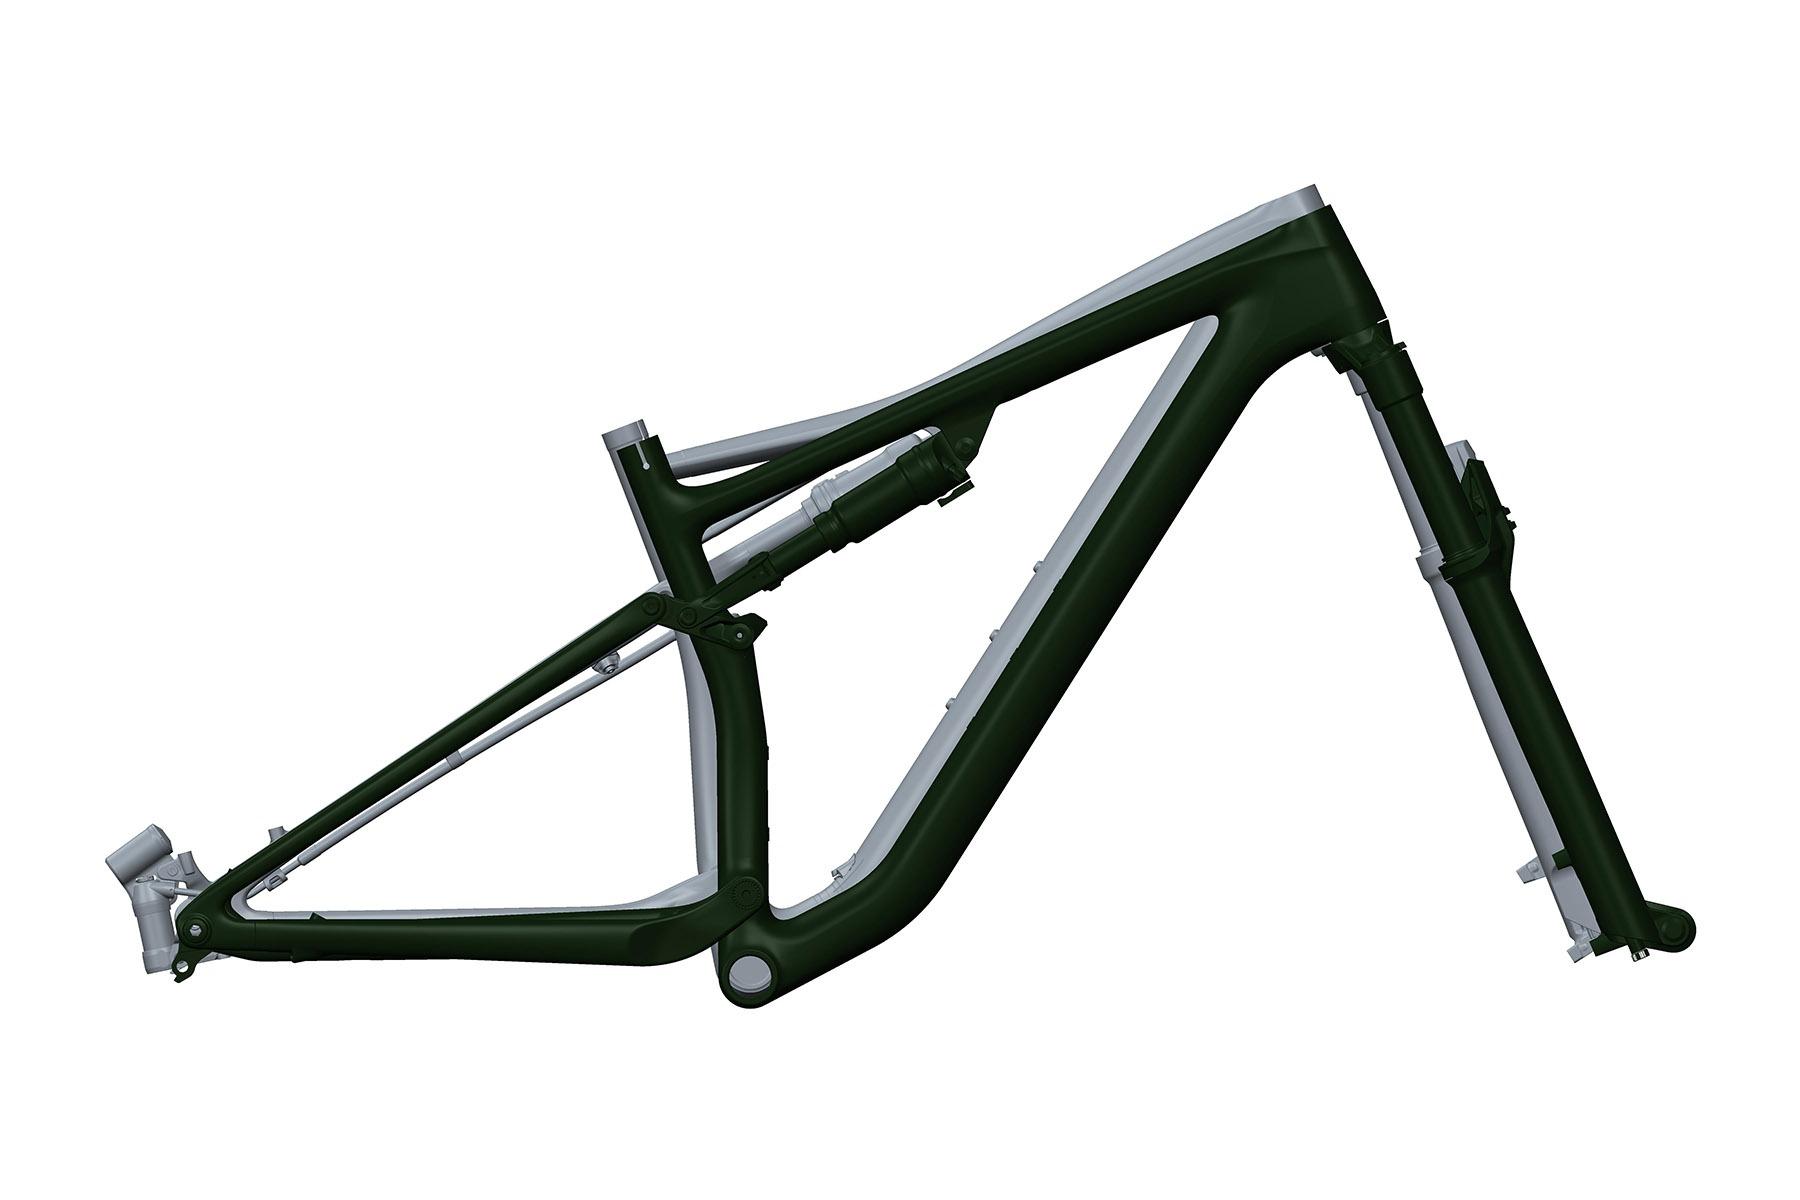 Specialized Evo geometry